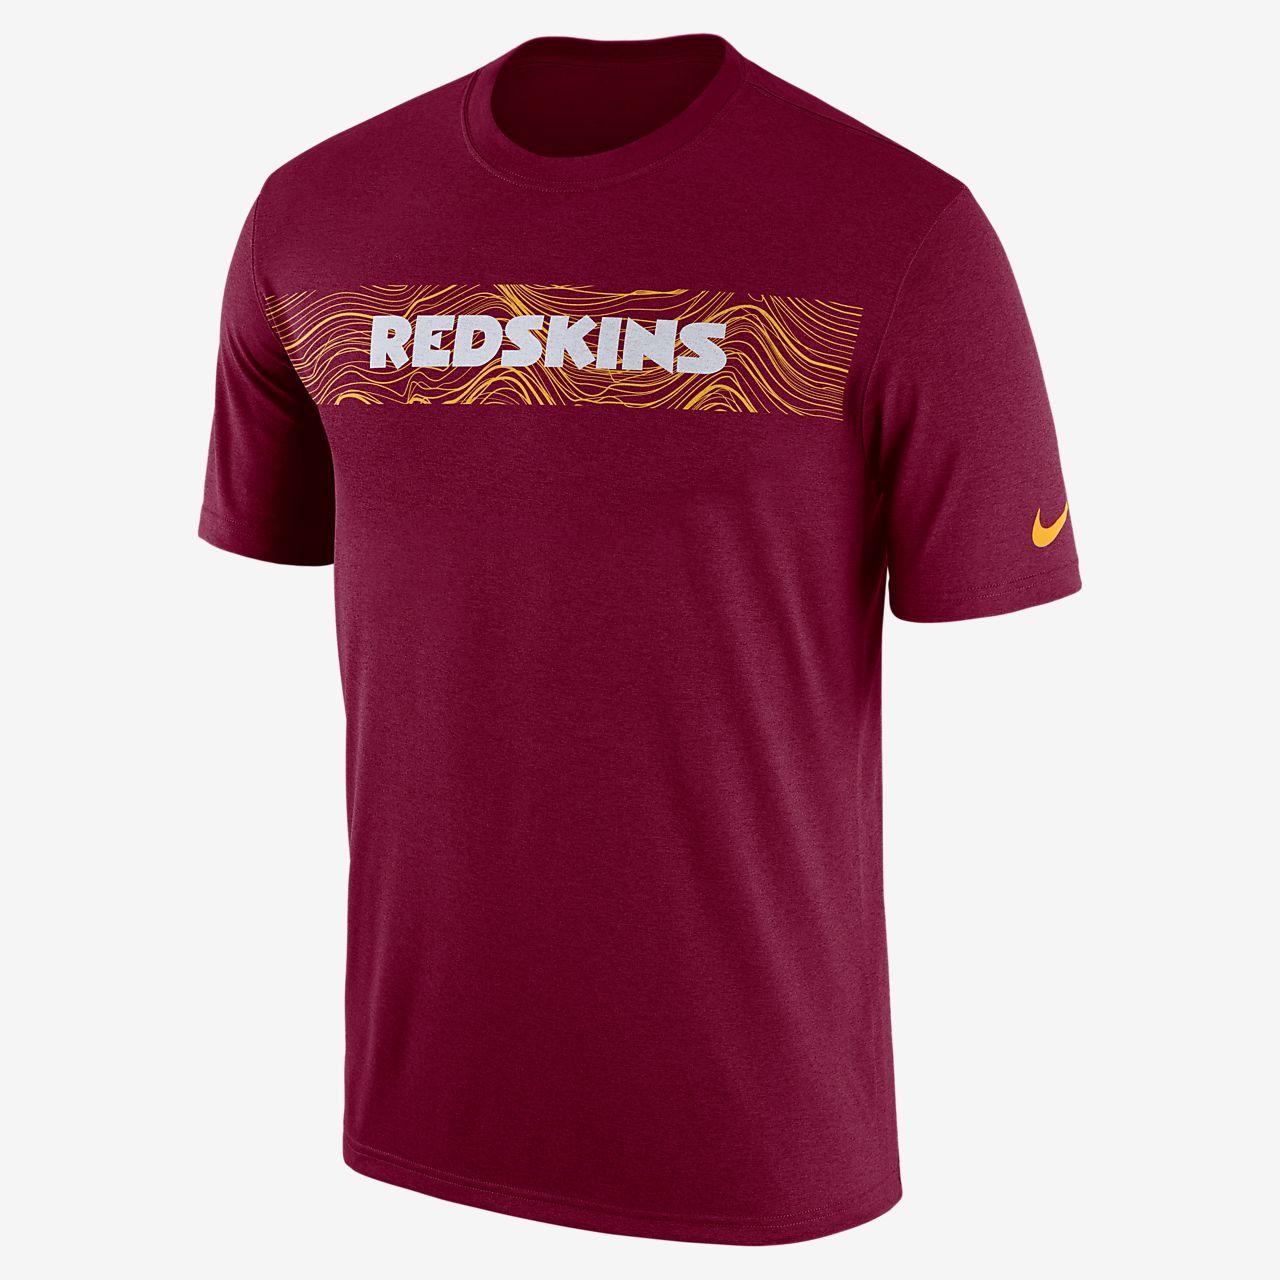 Nike Dri FIT Legend Seismic (NFL Redskins) T shirt til mænd